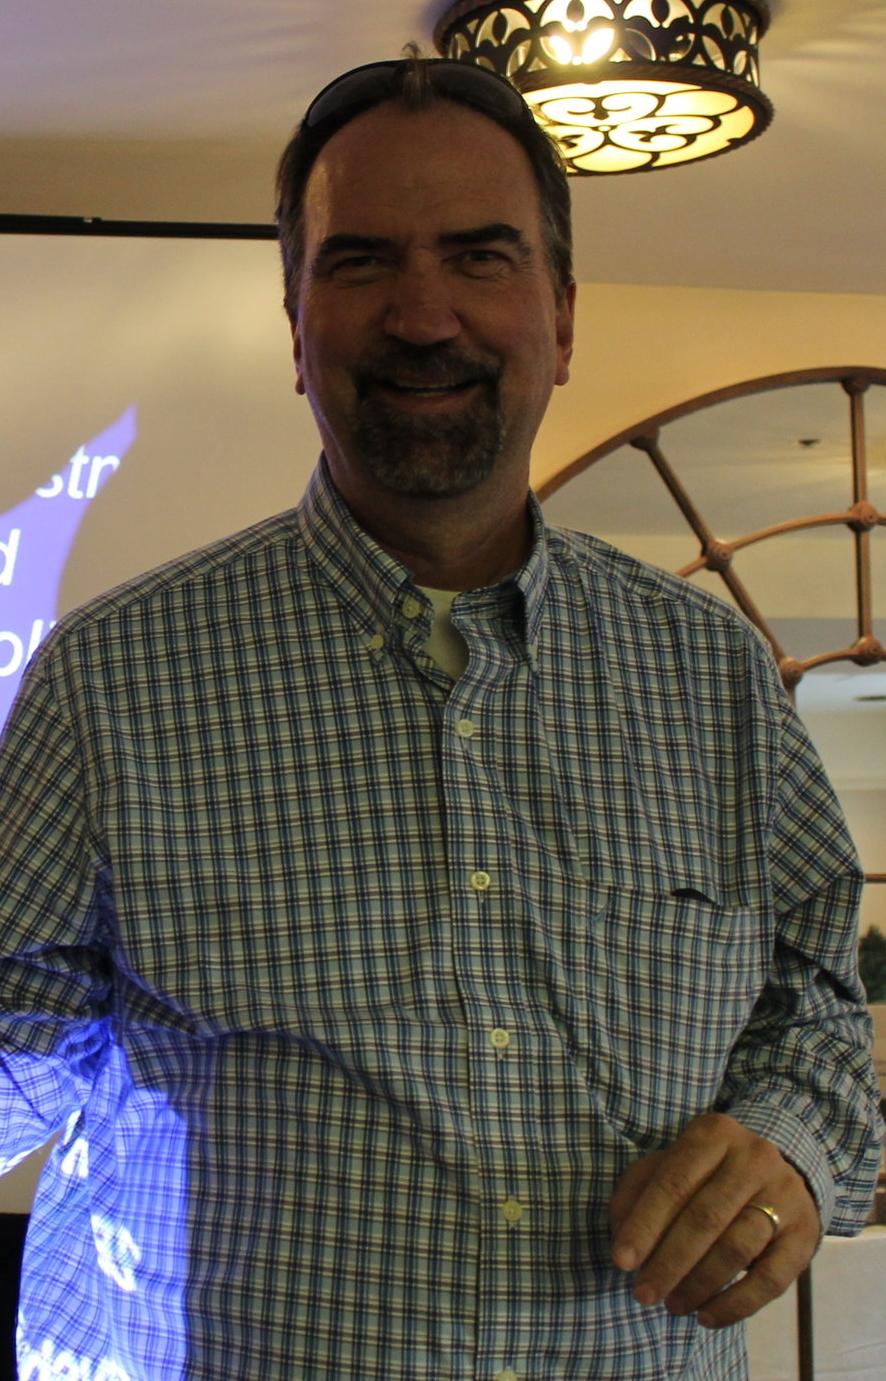 Ernie Mansfield, QSP/D, CPESC, CSE